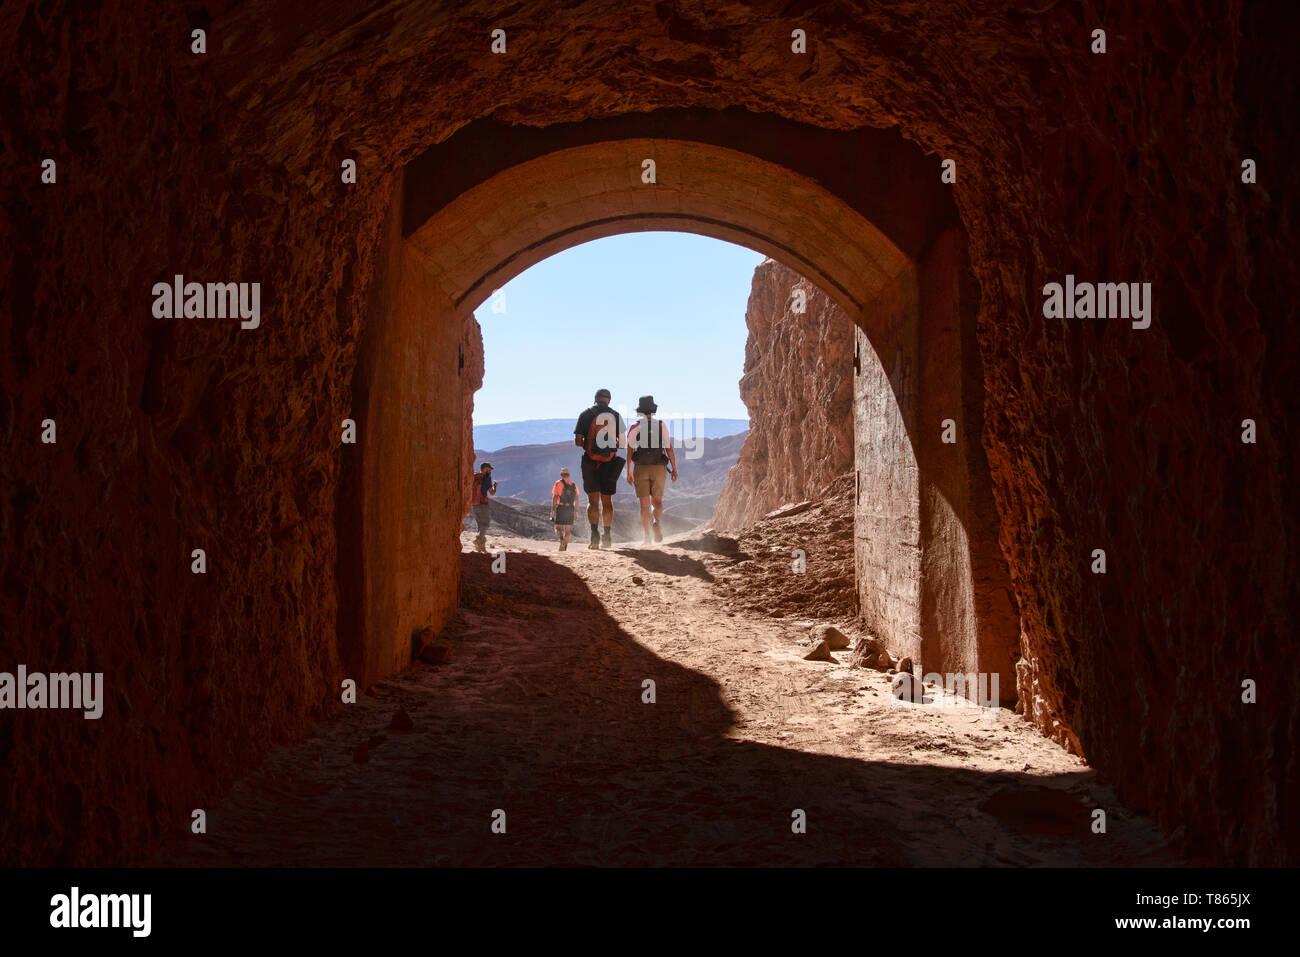 A tunnel through the mountain in San Pedro de Atacama, Chile, South America Stock Photo